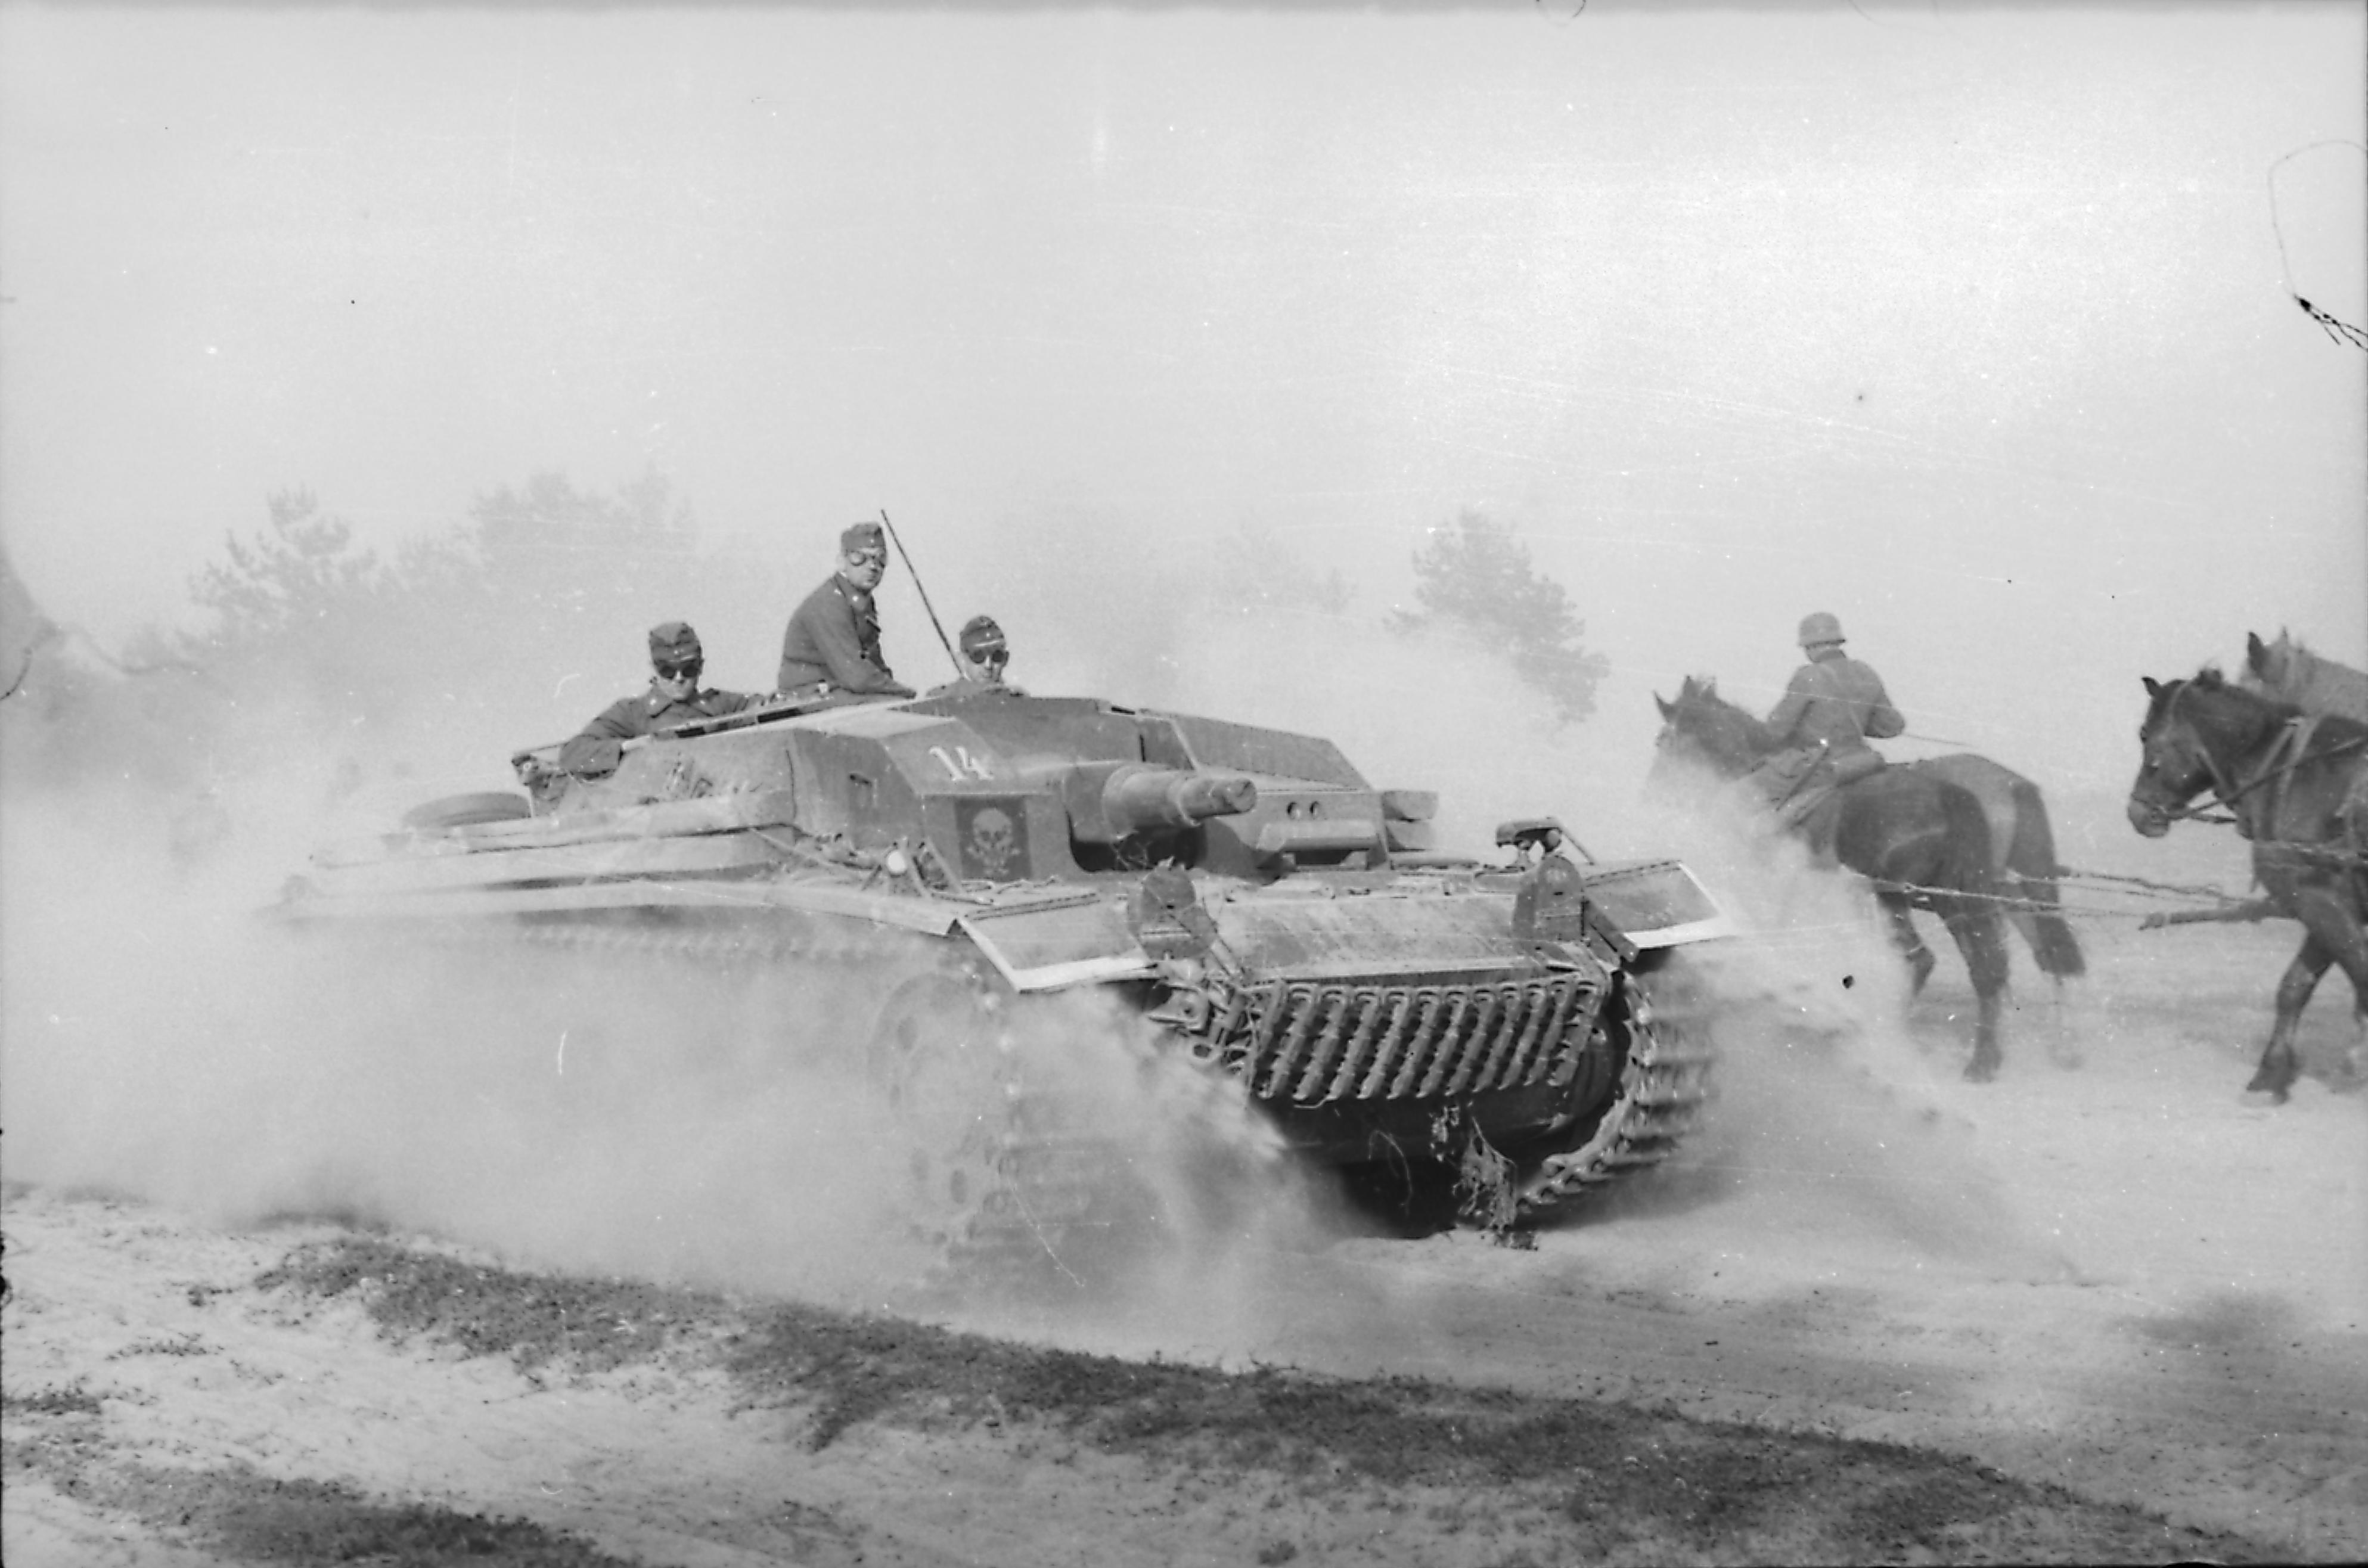 Samobieżne działo szturmowe Dywizji Waffen-SS 'Totenkopf' - Dywizji 'Trupiej Czaszki' - w początkowej fazie operacji 'Barbarossa' na terenie Związku Sowieckiego, lato 1941 roku (fot. Bundesarchiv, Bild 1011-136-0882-12 / Albert Cursian / CC-BY-SA 3.0)